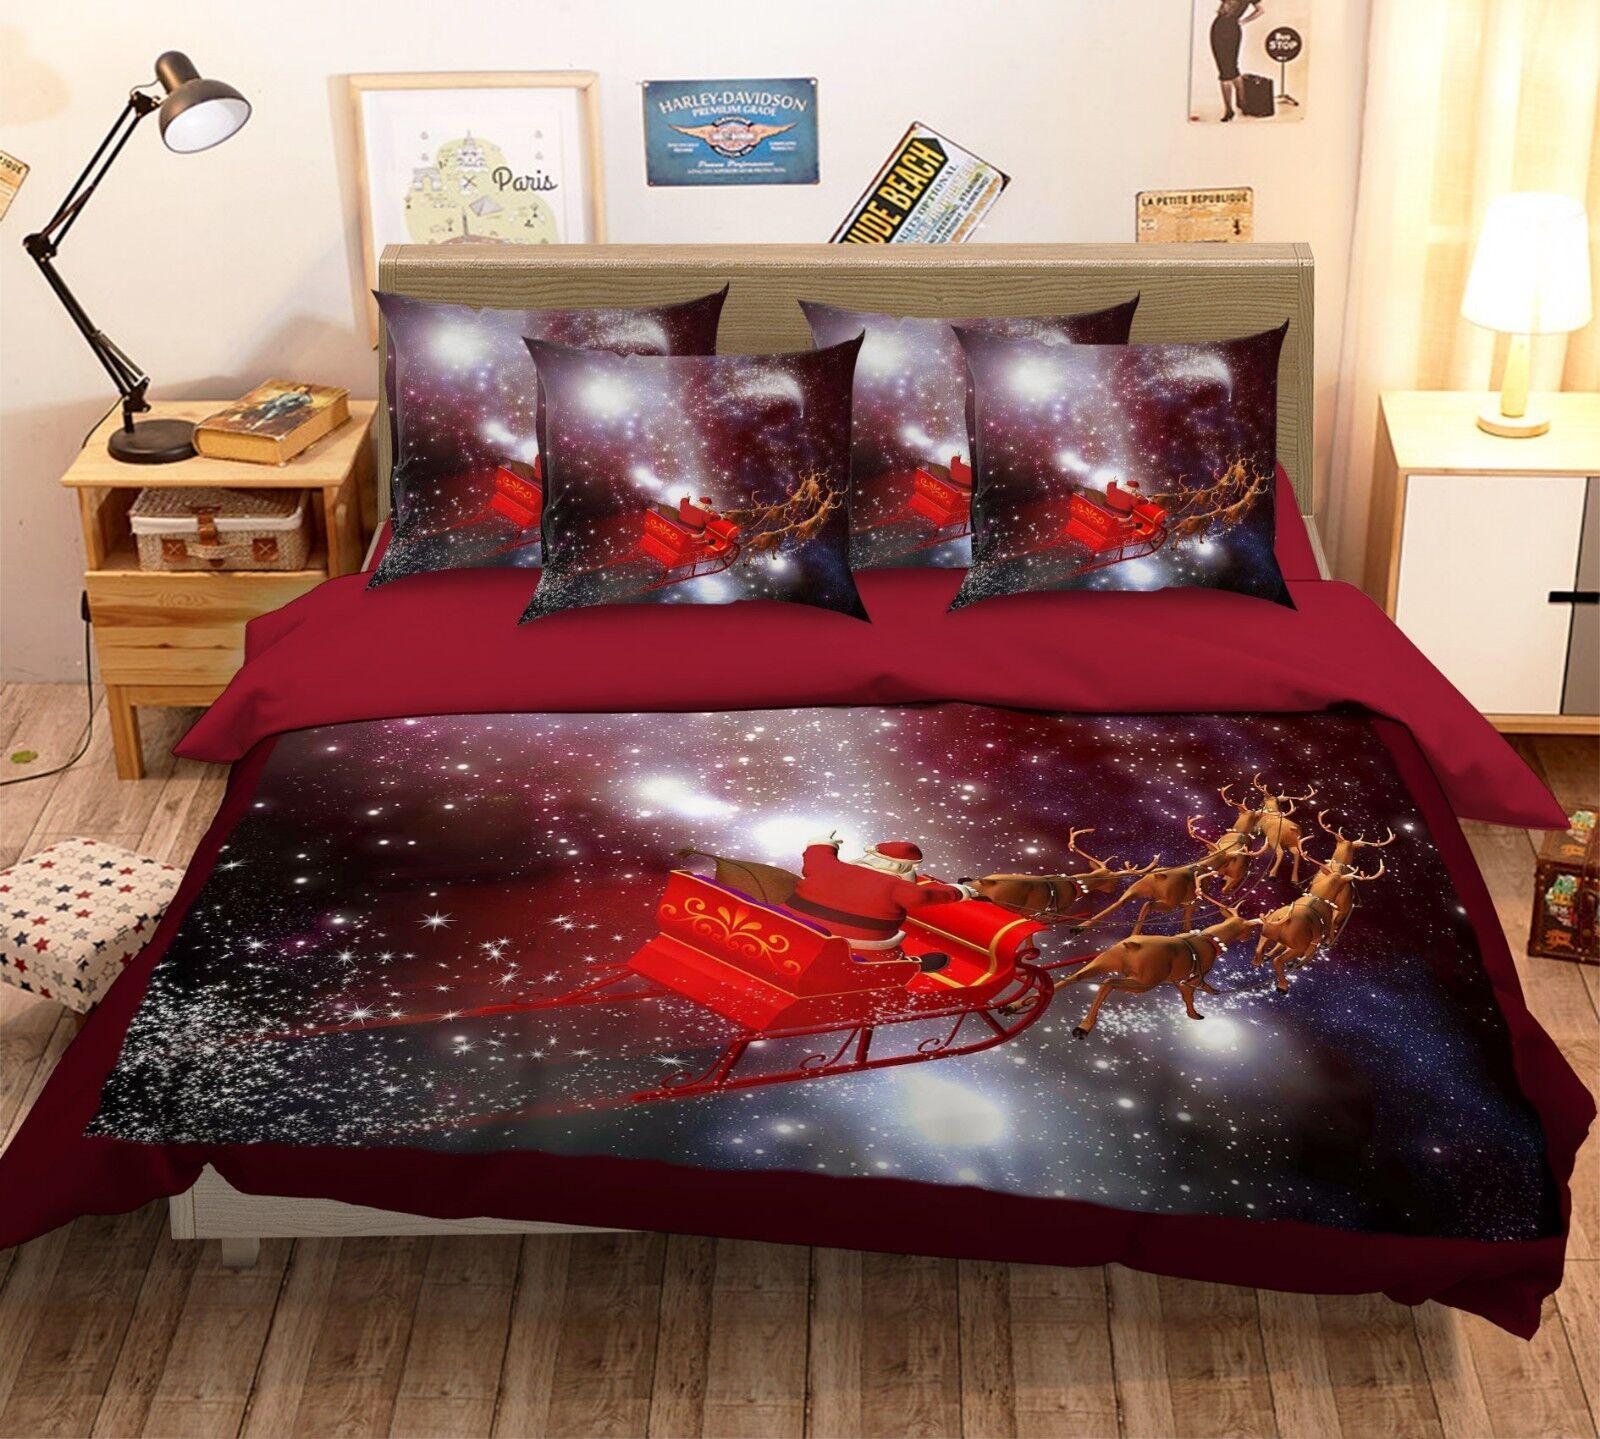 3D Star voitureriage 677 Bed PilFaiblecases Quilt Duvet Cover Set Single King UK été